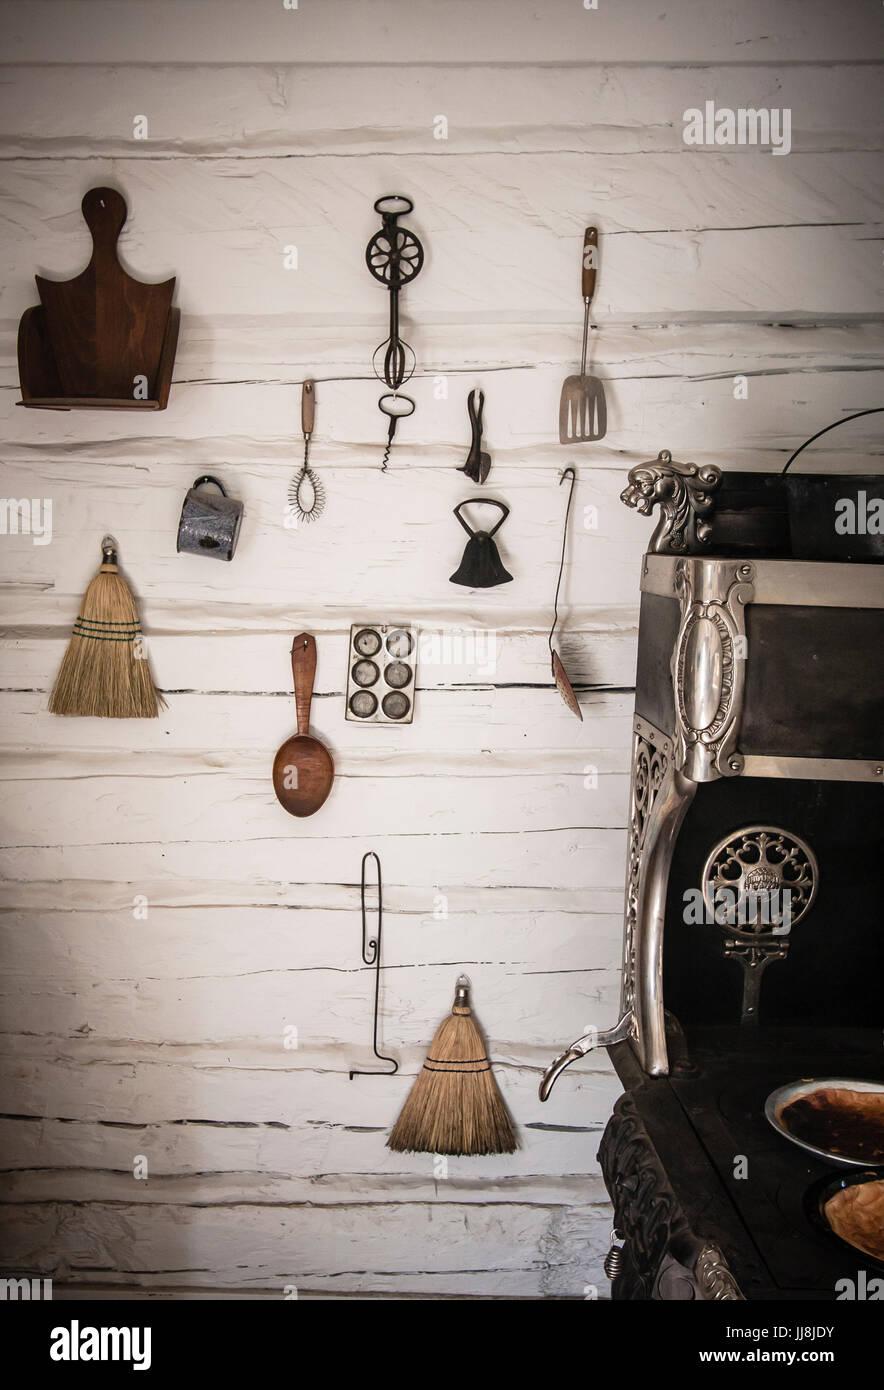 Pioneer attrezzi da cucina sono appesi alle pareti di un edificio in ...